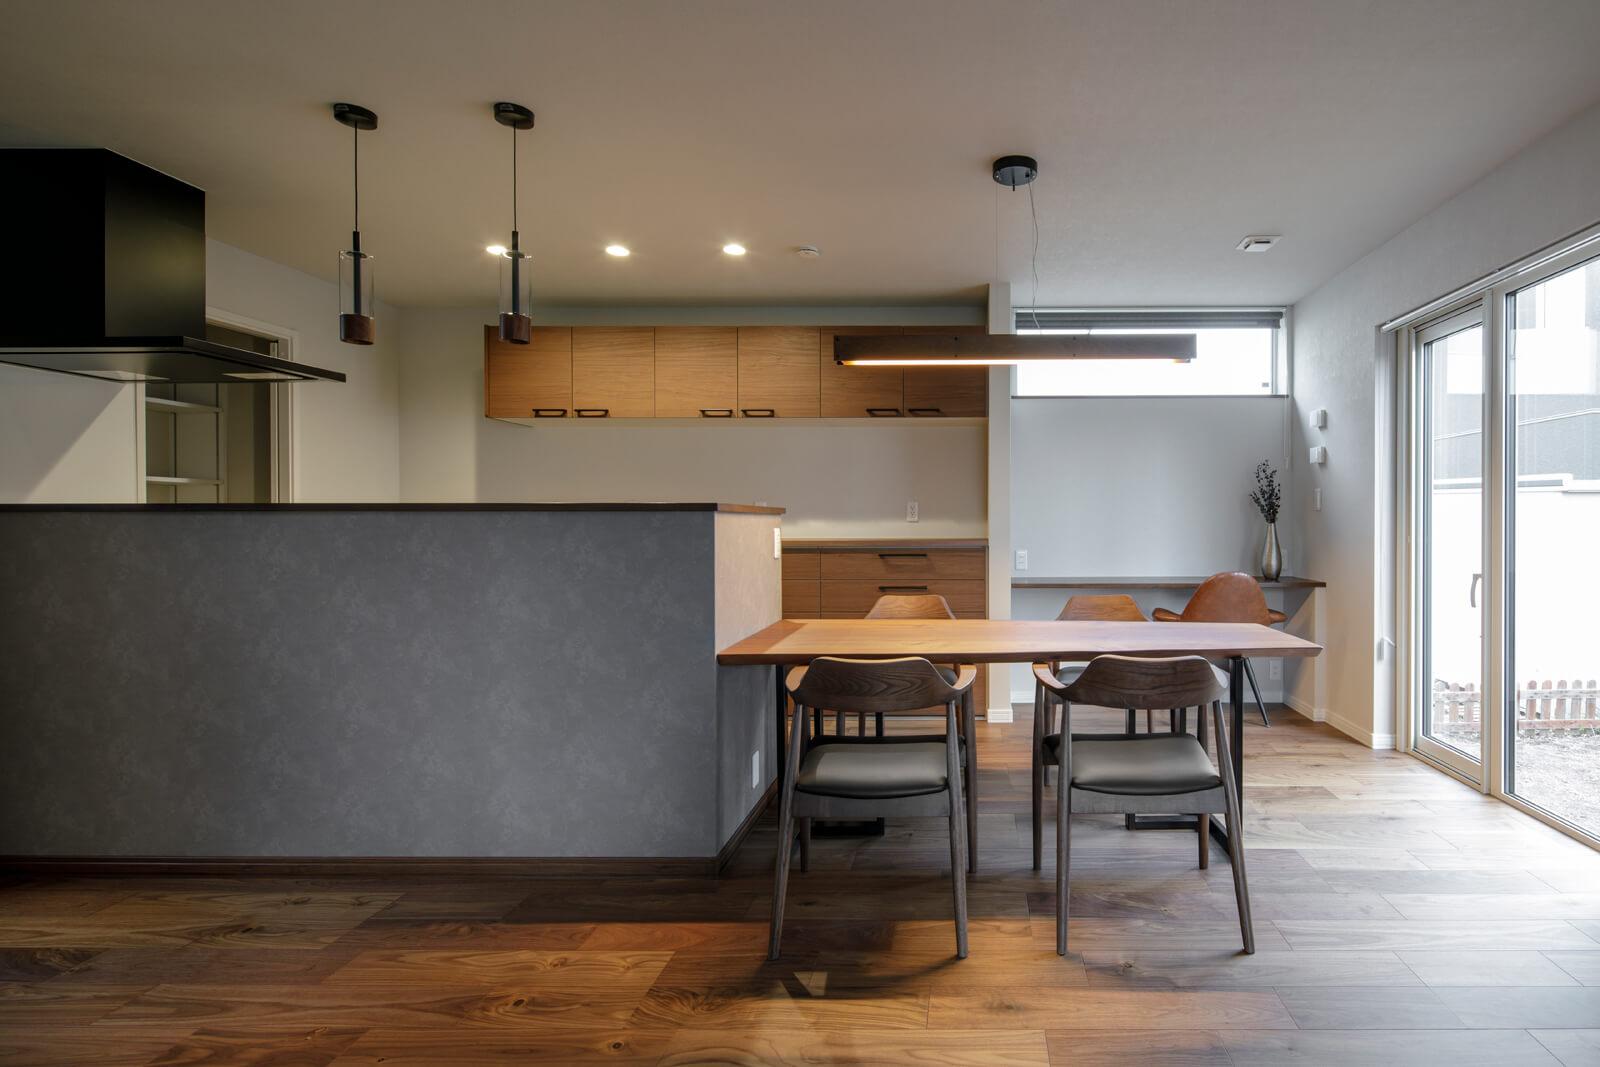 家具は地元マルキタ家具センターのもので統一。キッチンの腰壁の高さがスッキリとした印象を与える